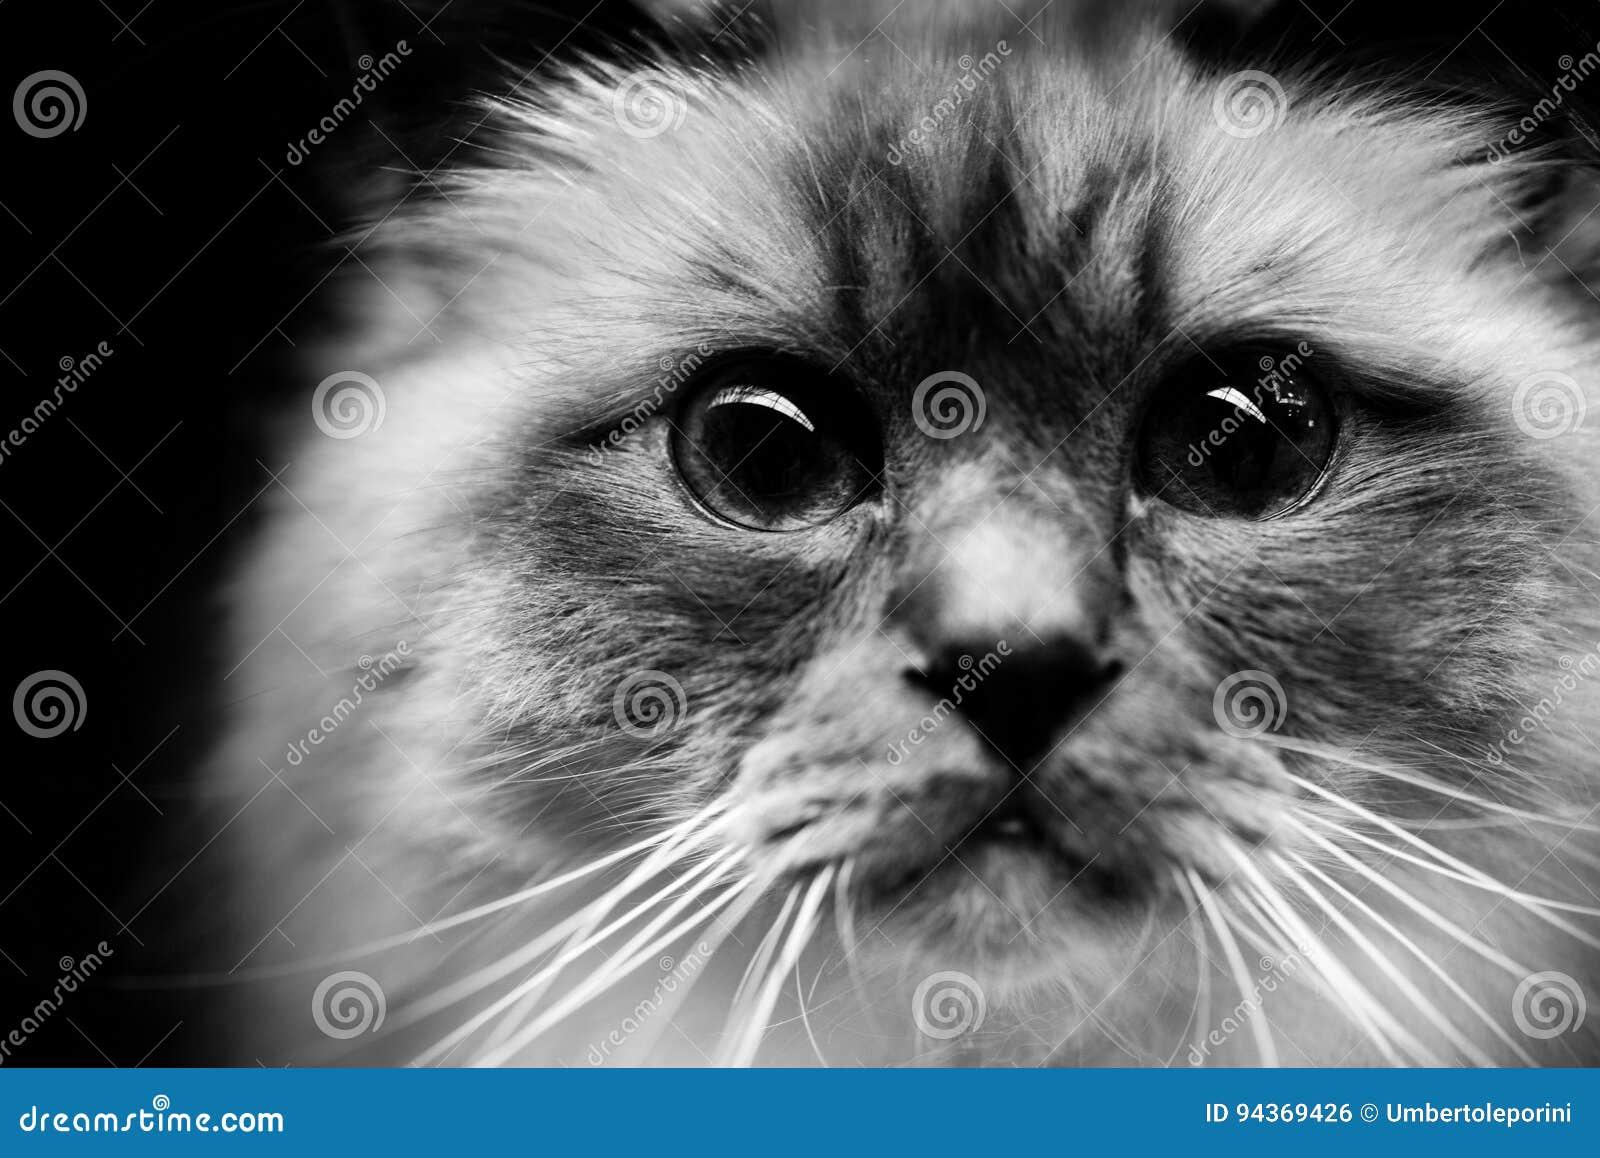 Милые портреты животных бирманского кота черно-белые